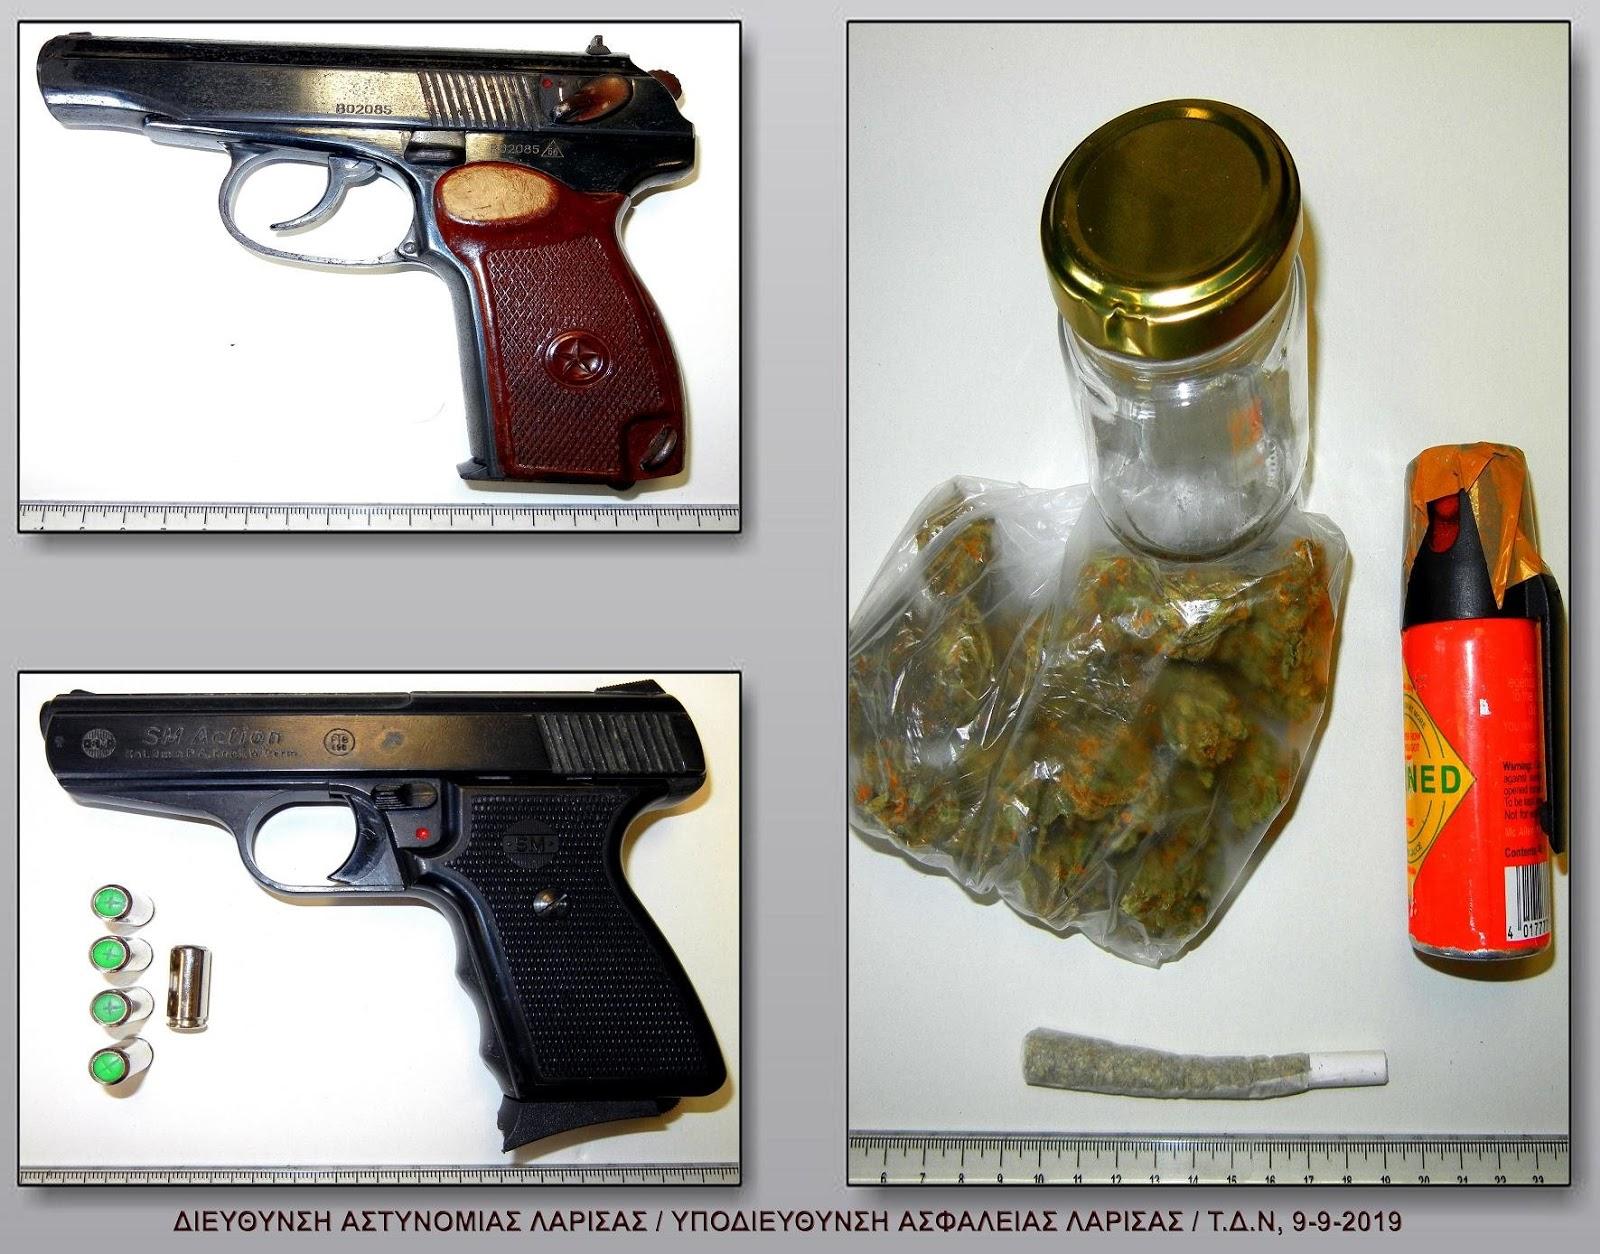 Δύο συλλήψεις στη Λάρισα για όπλα και ναρκωτικά